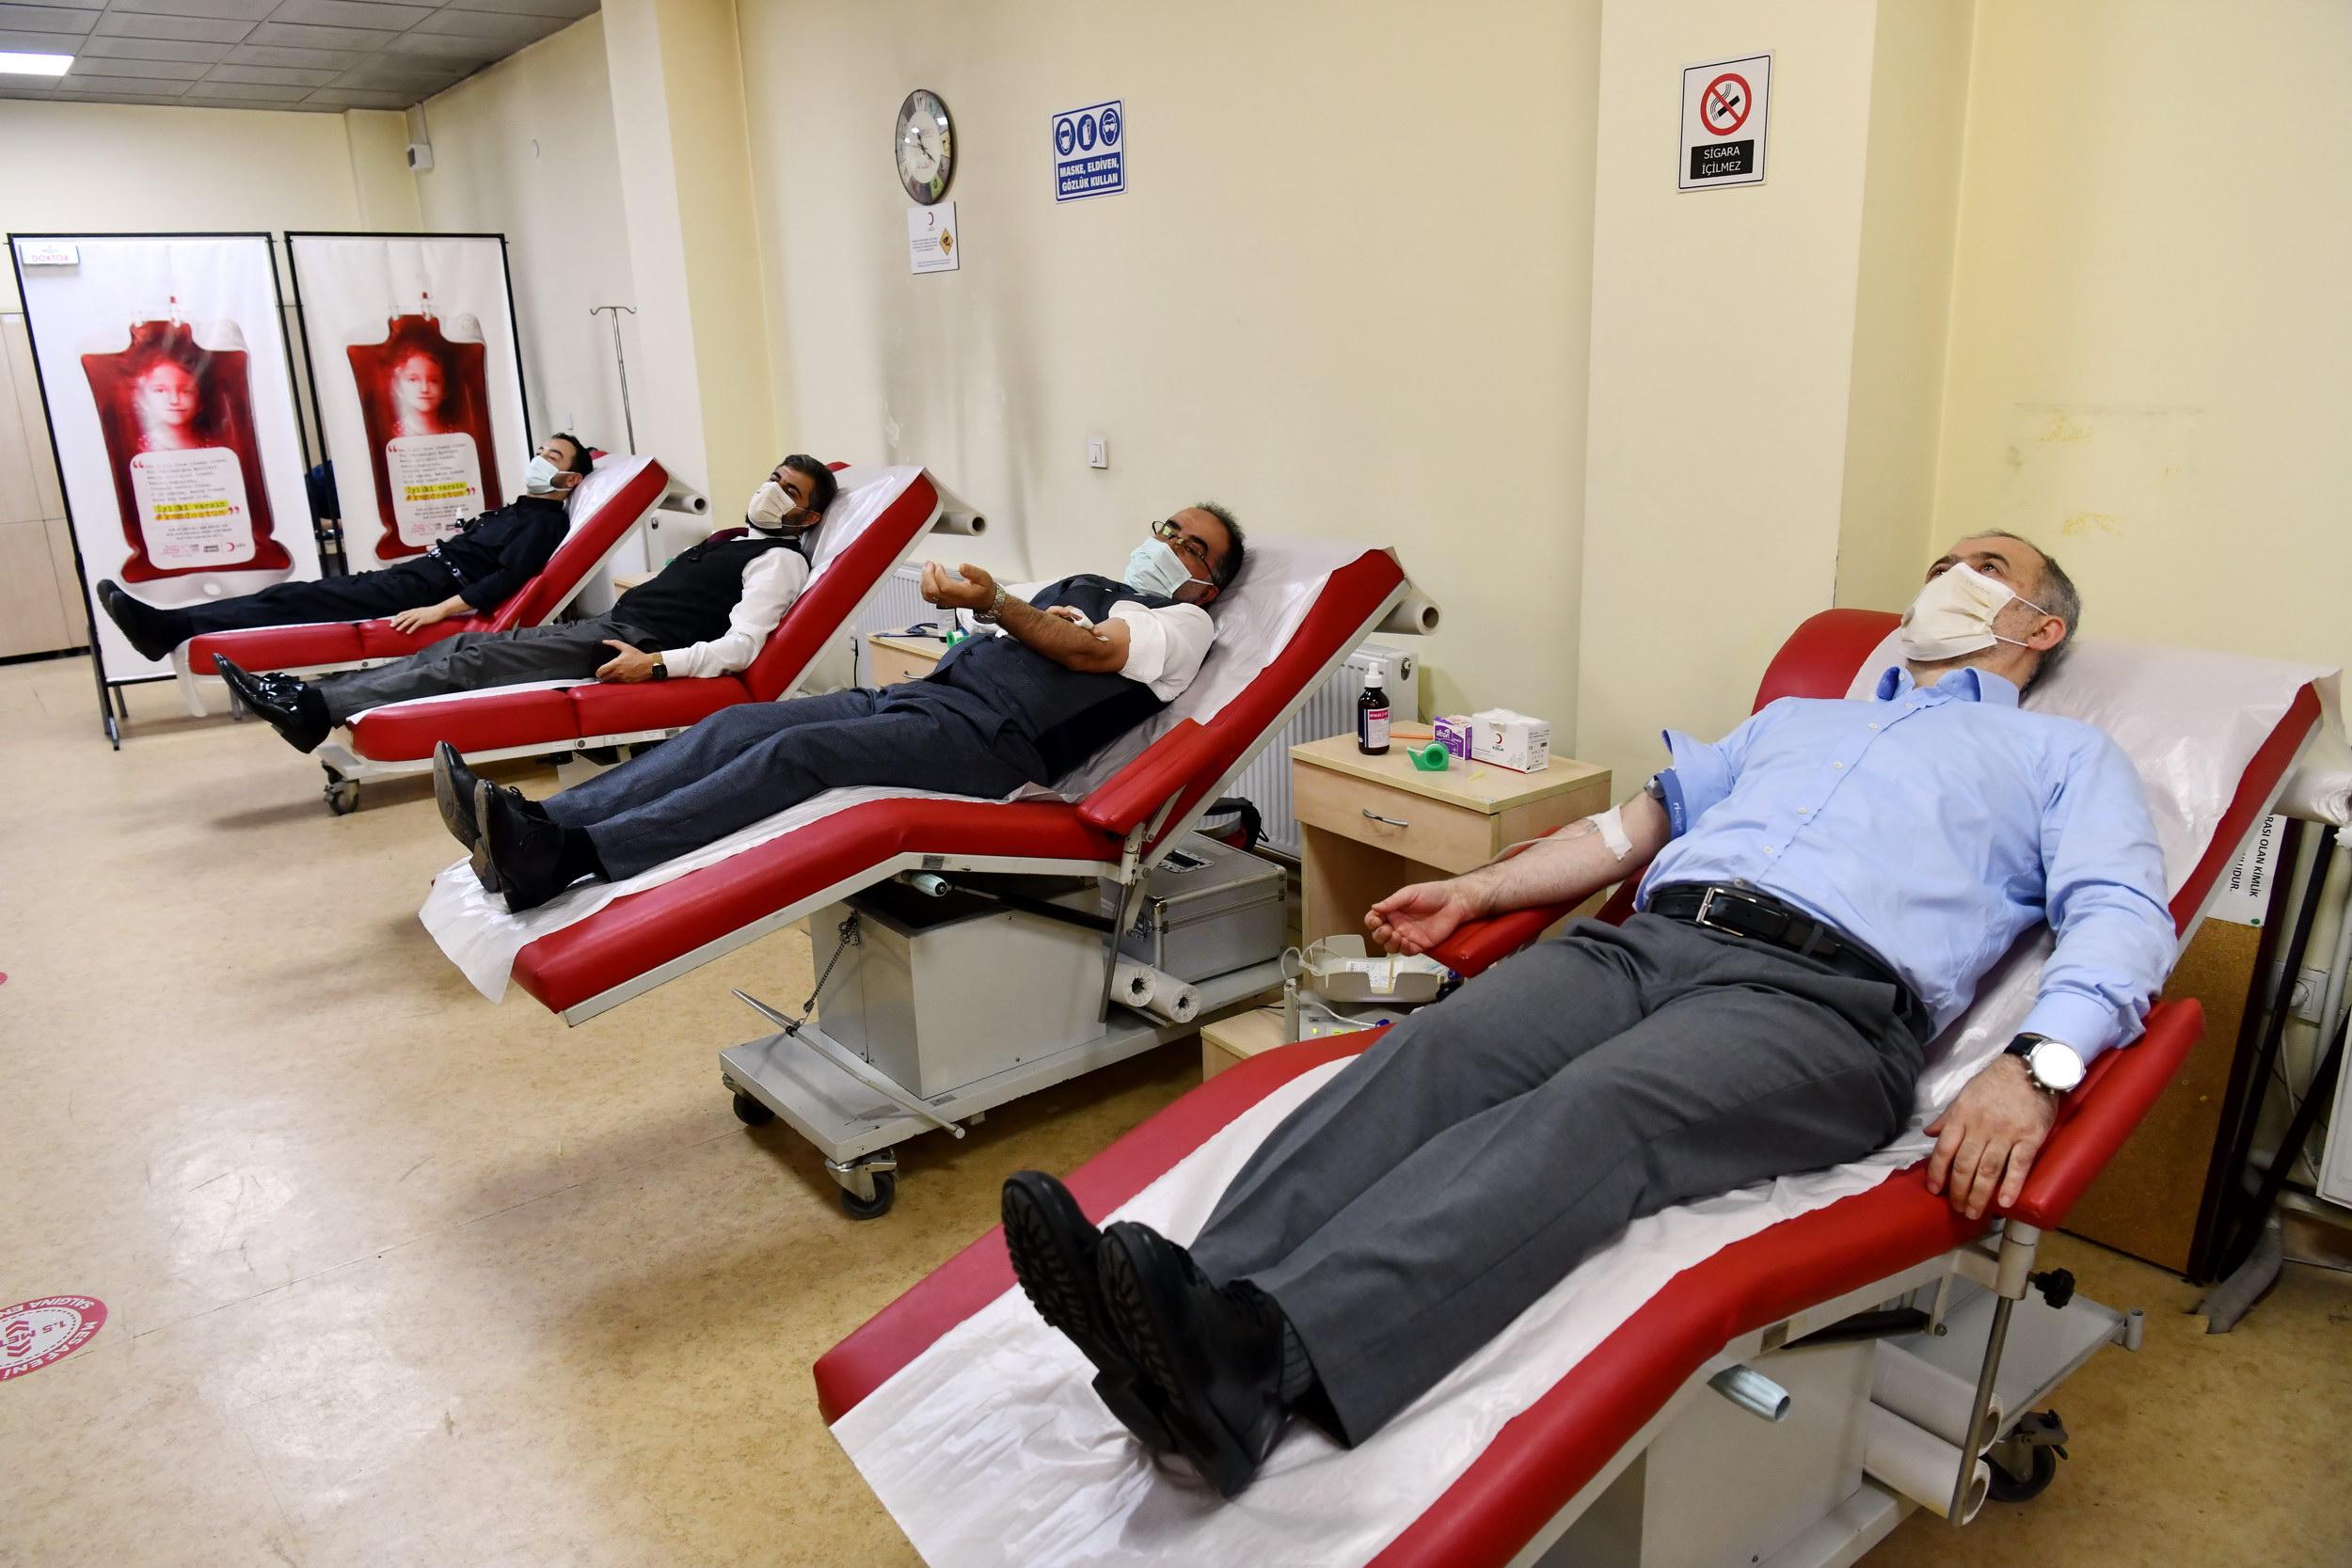 Yenikentliler'e kan bağışı çağrısı